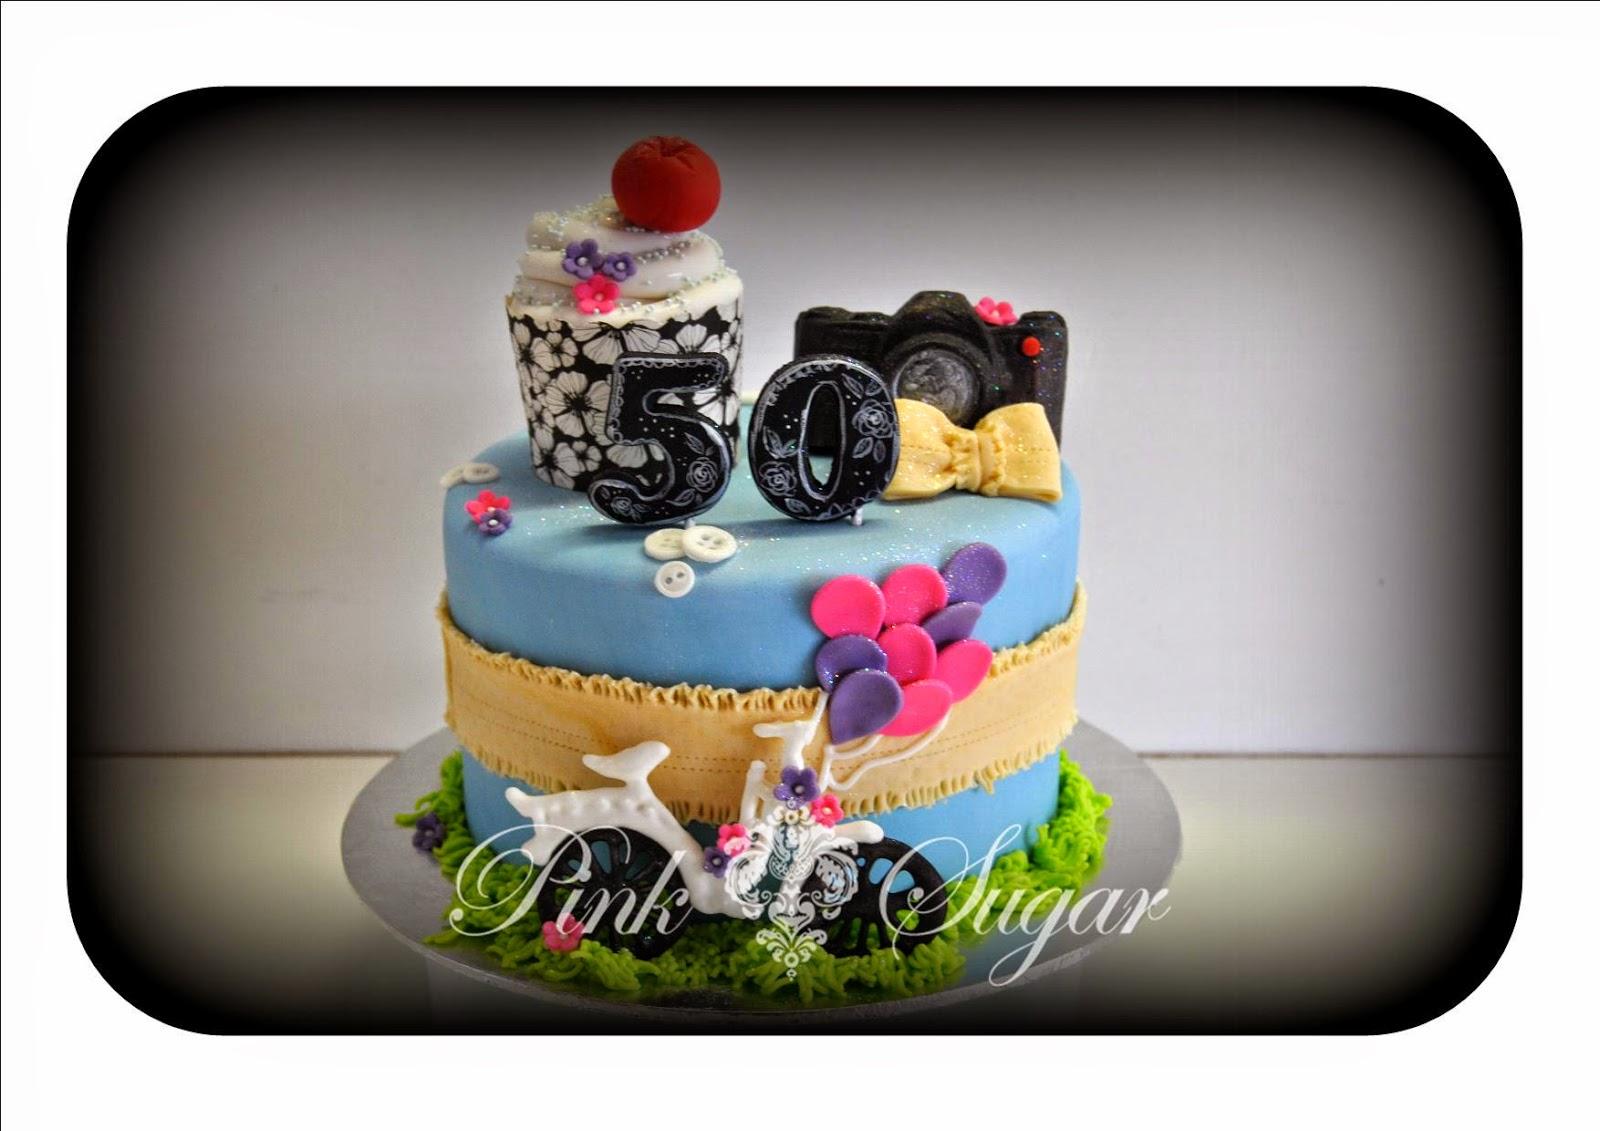 Pink Sugar Shabby Chic Birthday Cake